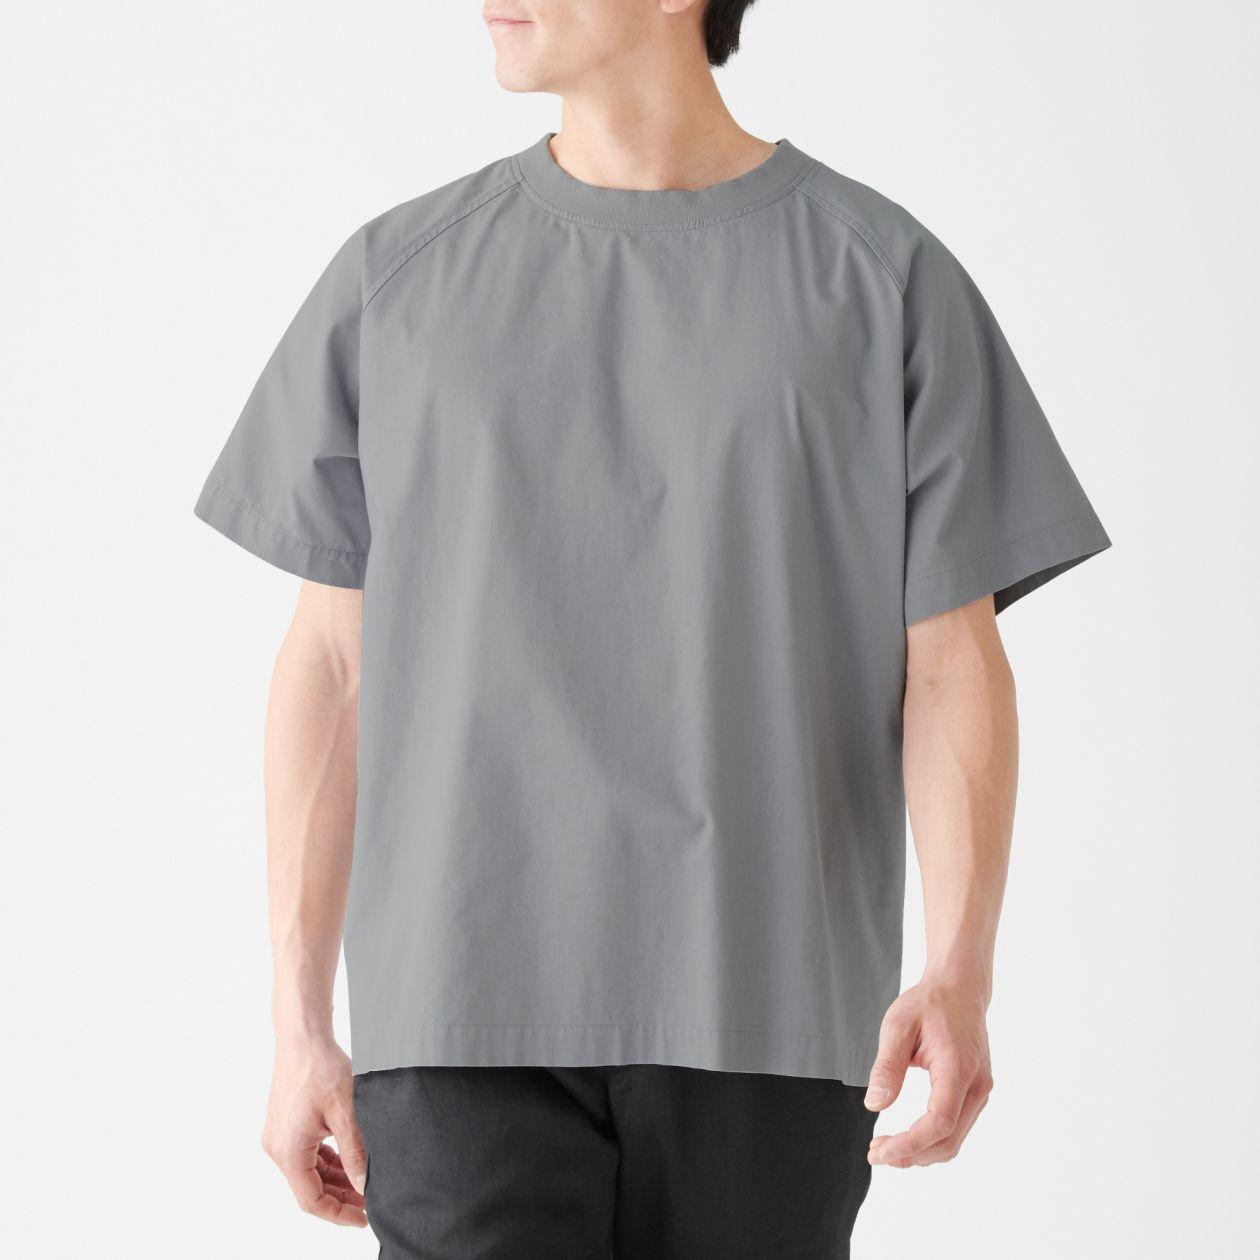 インド綿プルオーバー半袖シャツ S~M・グレー